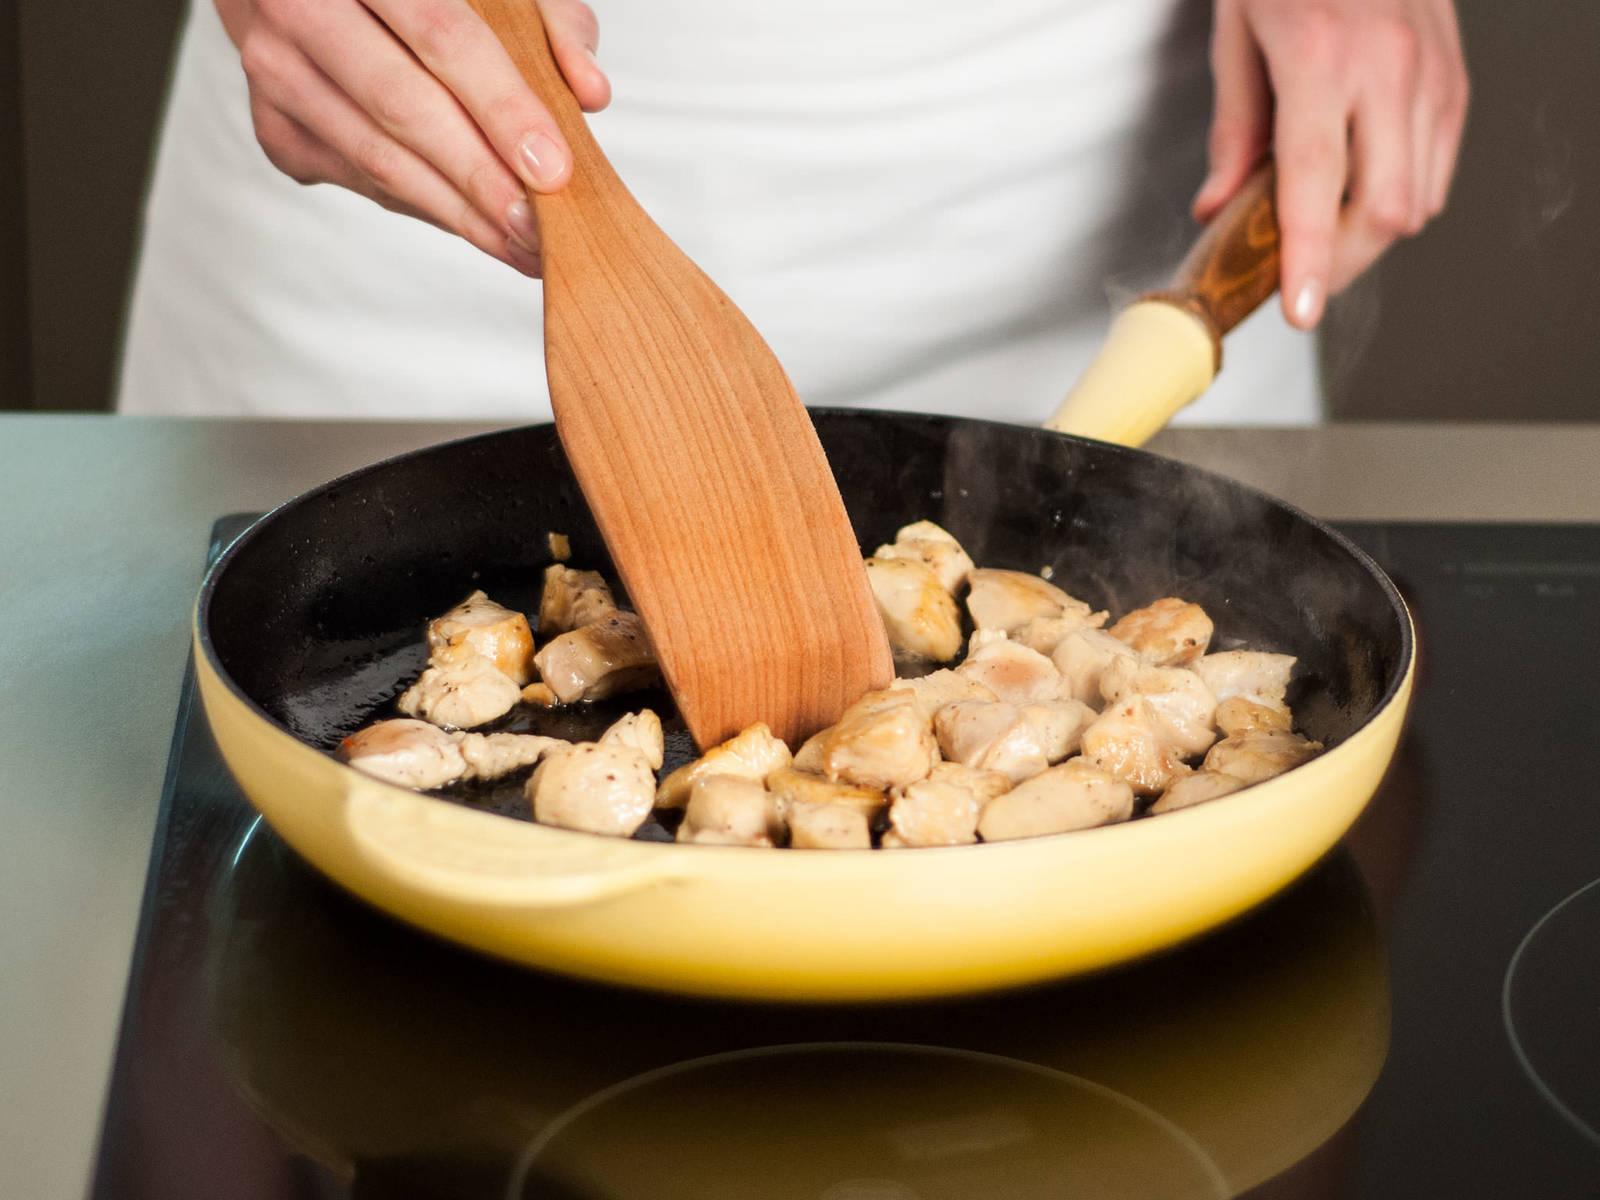 在煎锅中加热少许植物油,用中高温煸炒鸡肉7-10分钟,直至鸡肉呈棕色,加盐与胡椒粉调味,然后冷却备用。